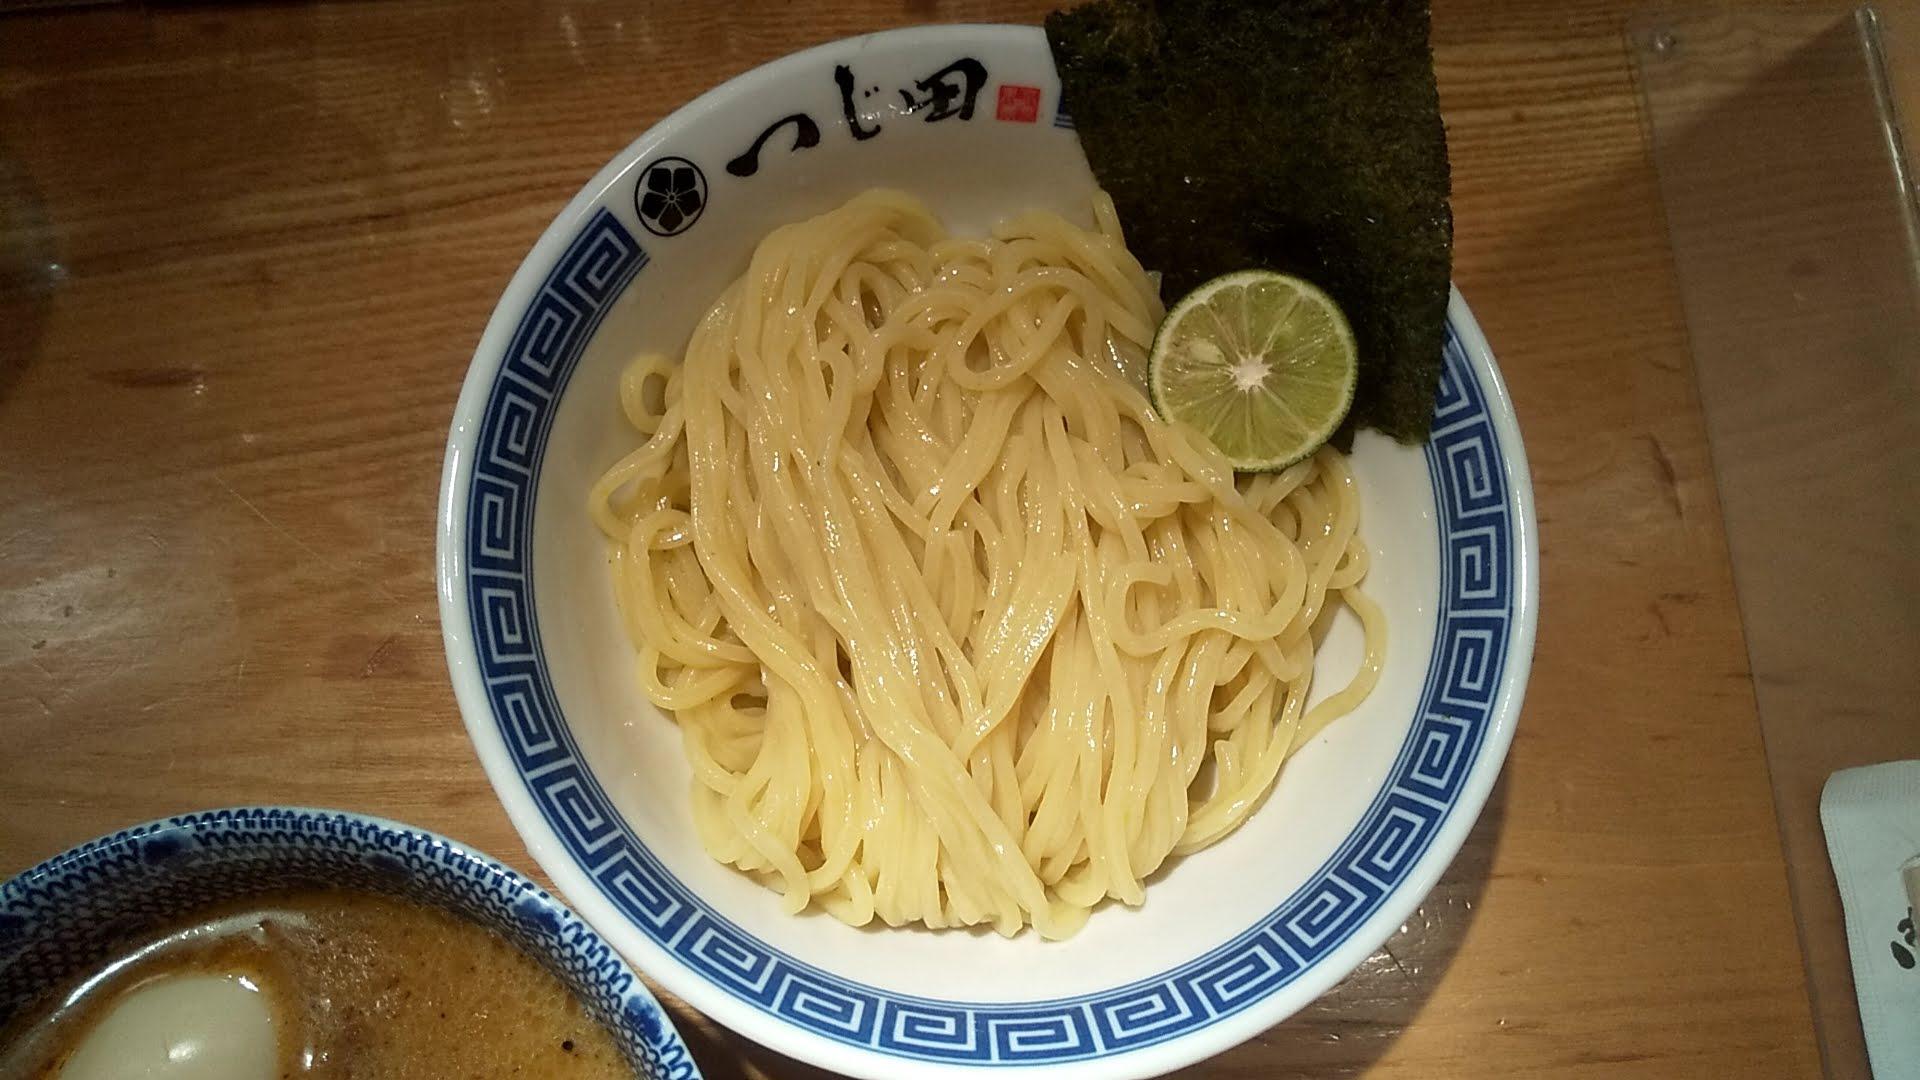 つじ田日本橋店の濃厚特製つけ麺の麺皿